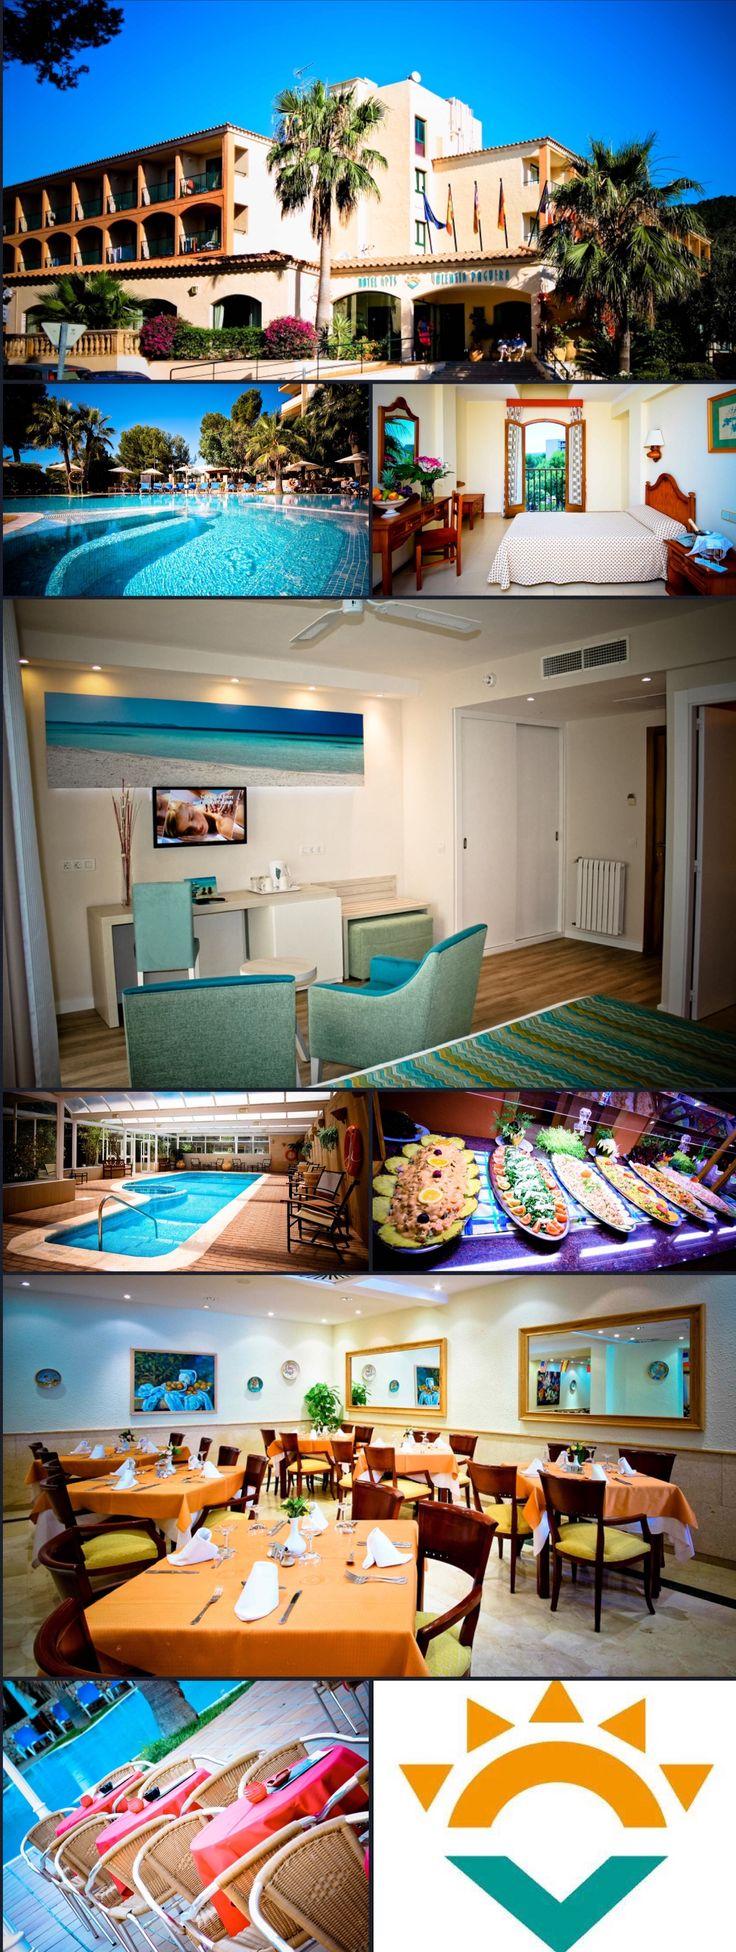 Disfruta de unas vacaciones inolvidables en el Valentín Paguera Hotel & Apartamentos .Tu hotel Adults Only en Mallorca